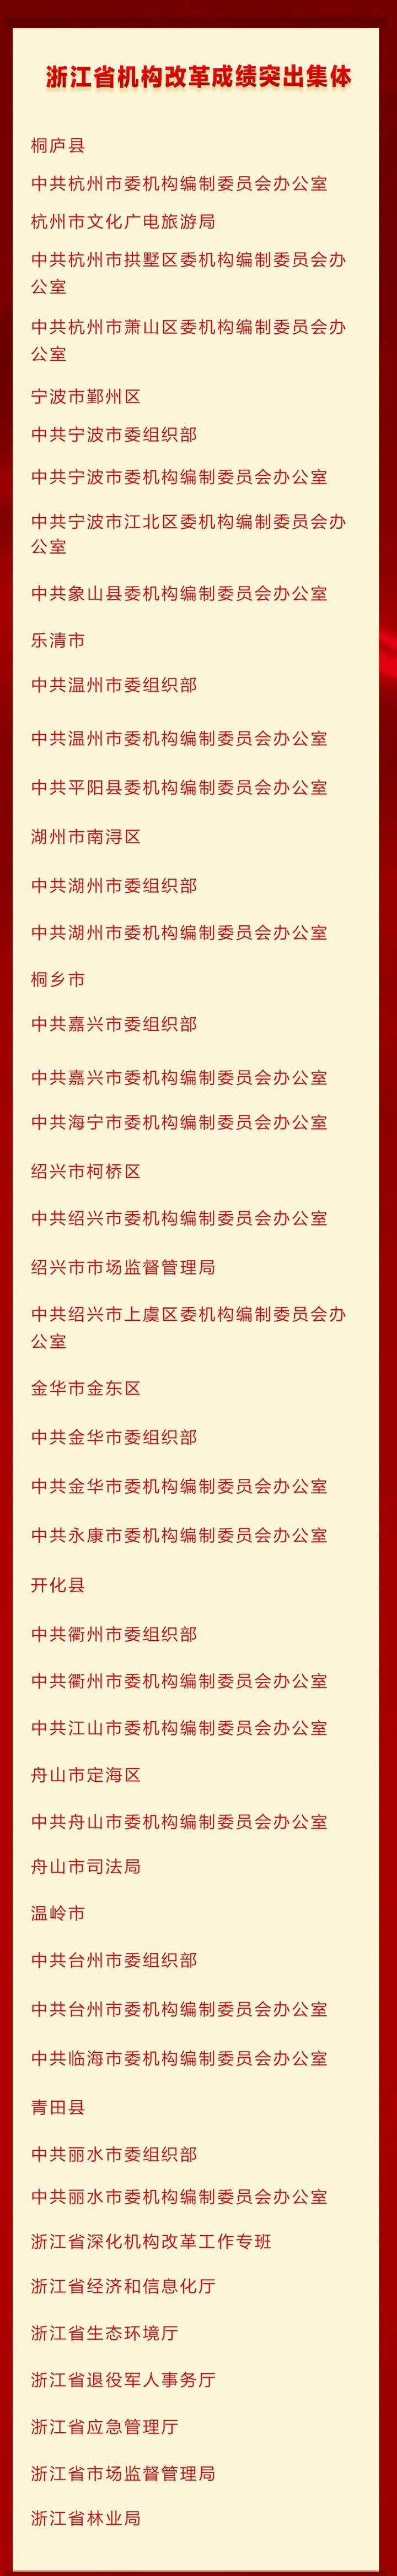 名单zhongji改改改改_07.jpg